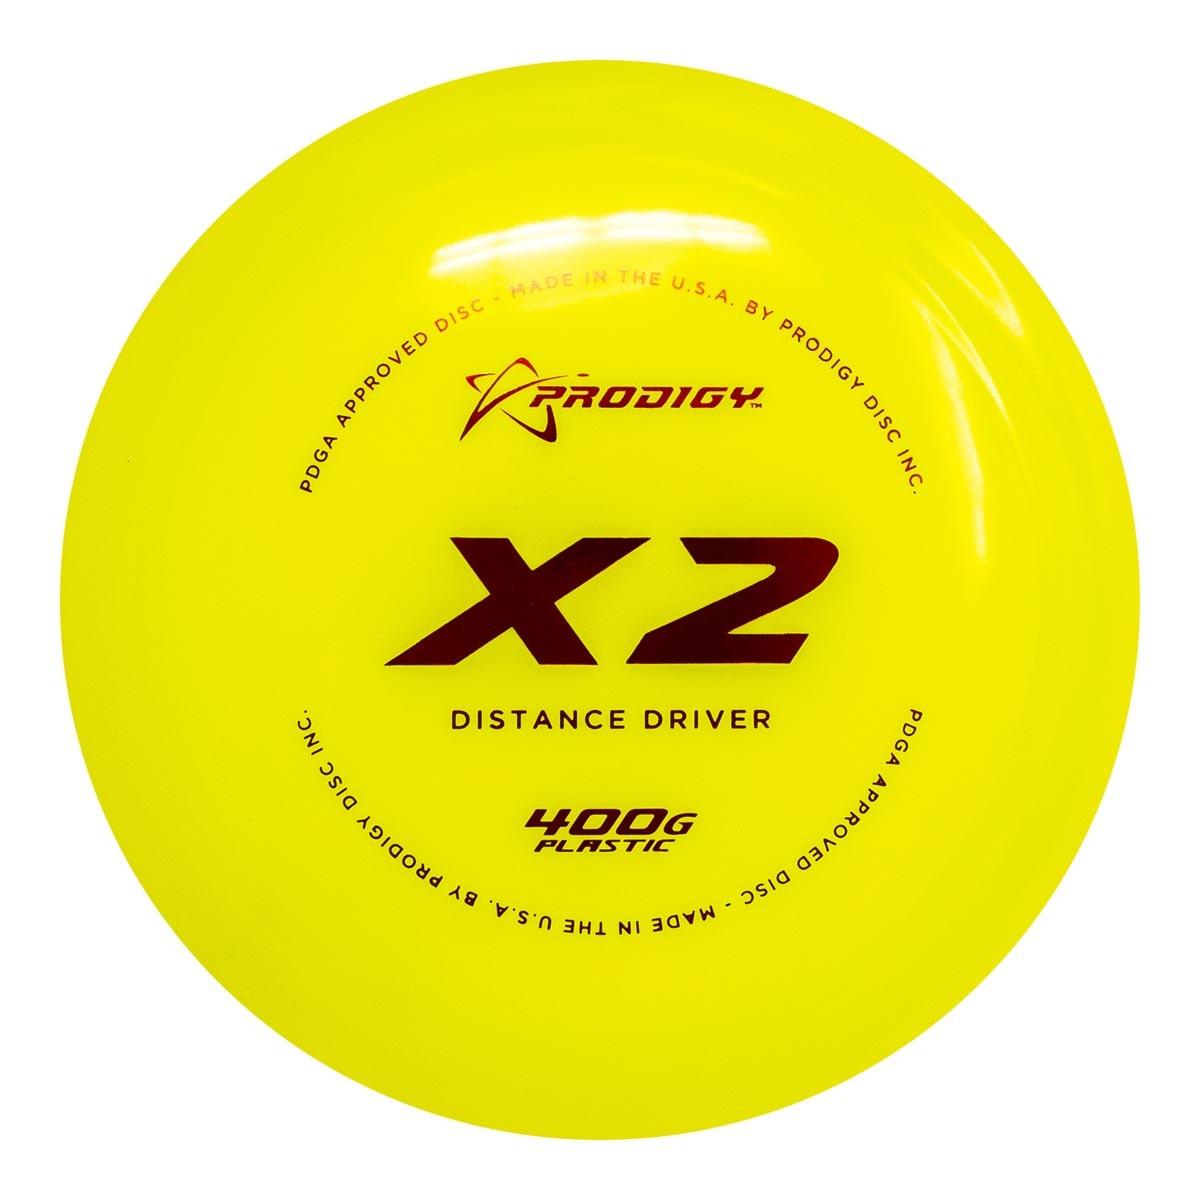 Prodigy 400g X2